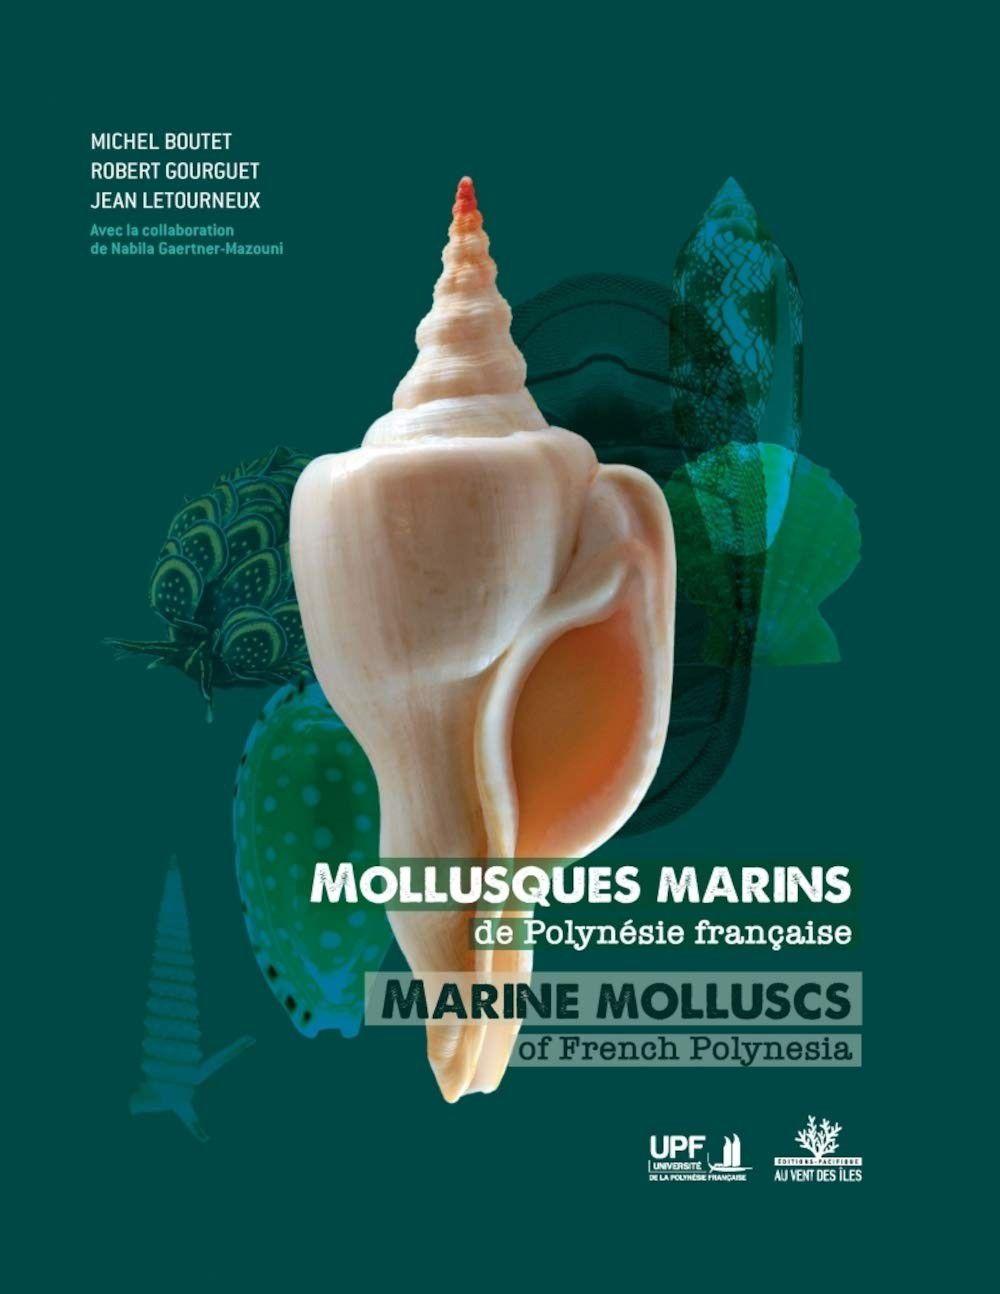 Mollusques marins de Polynésie française, Un ouvrage co-édité avec l'Université de la Polynésie française, avec la collaboration de Nabila Gaertner-Mazouni.